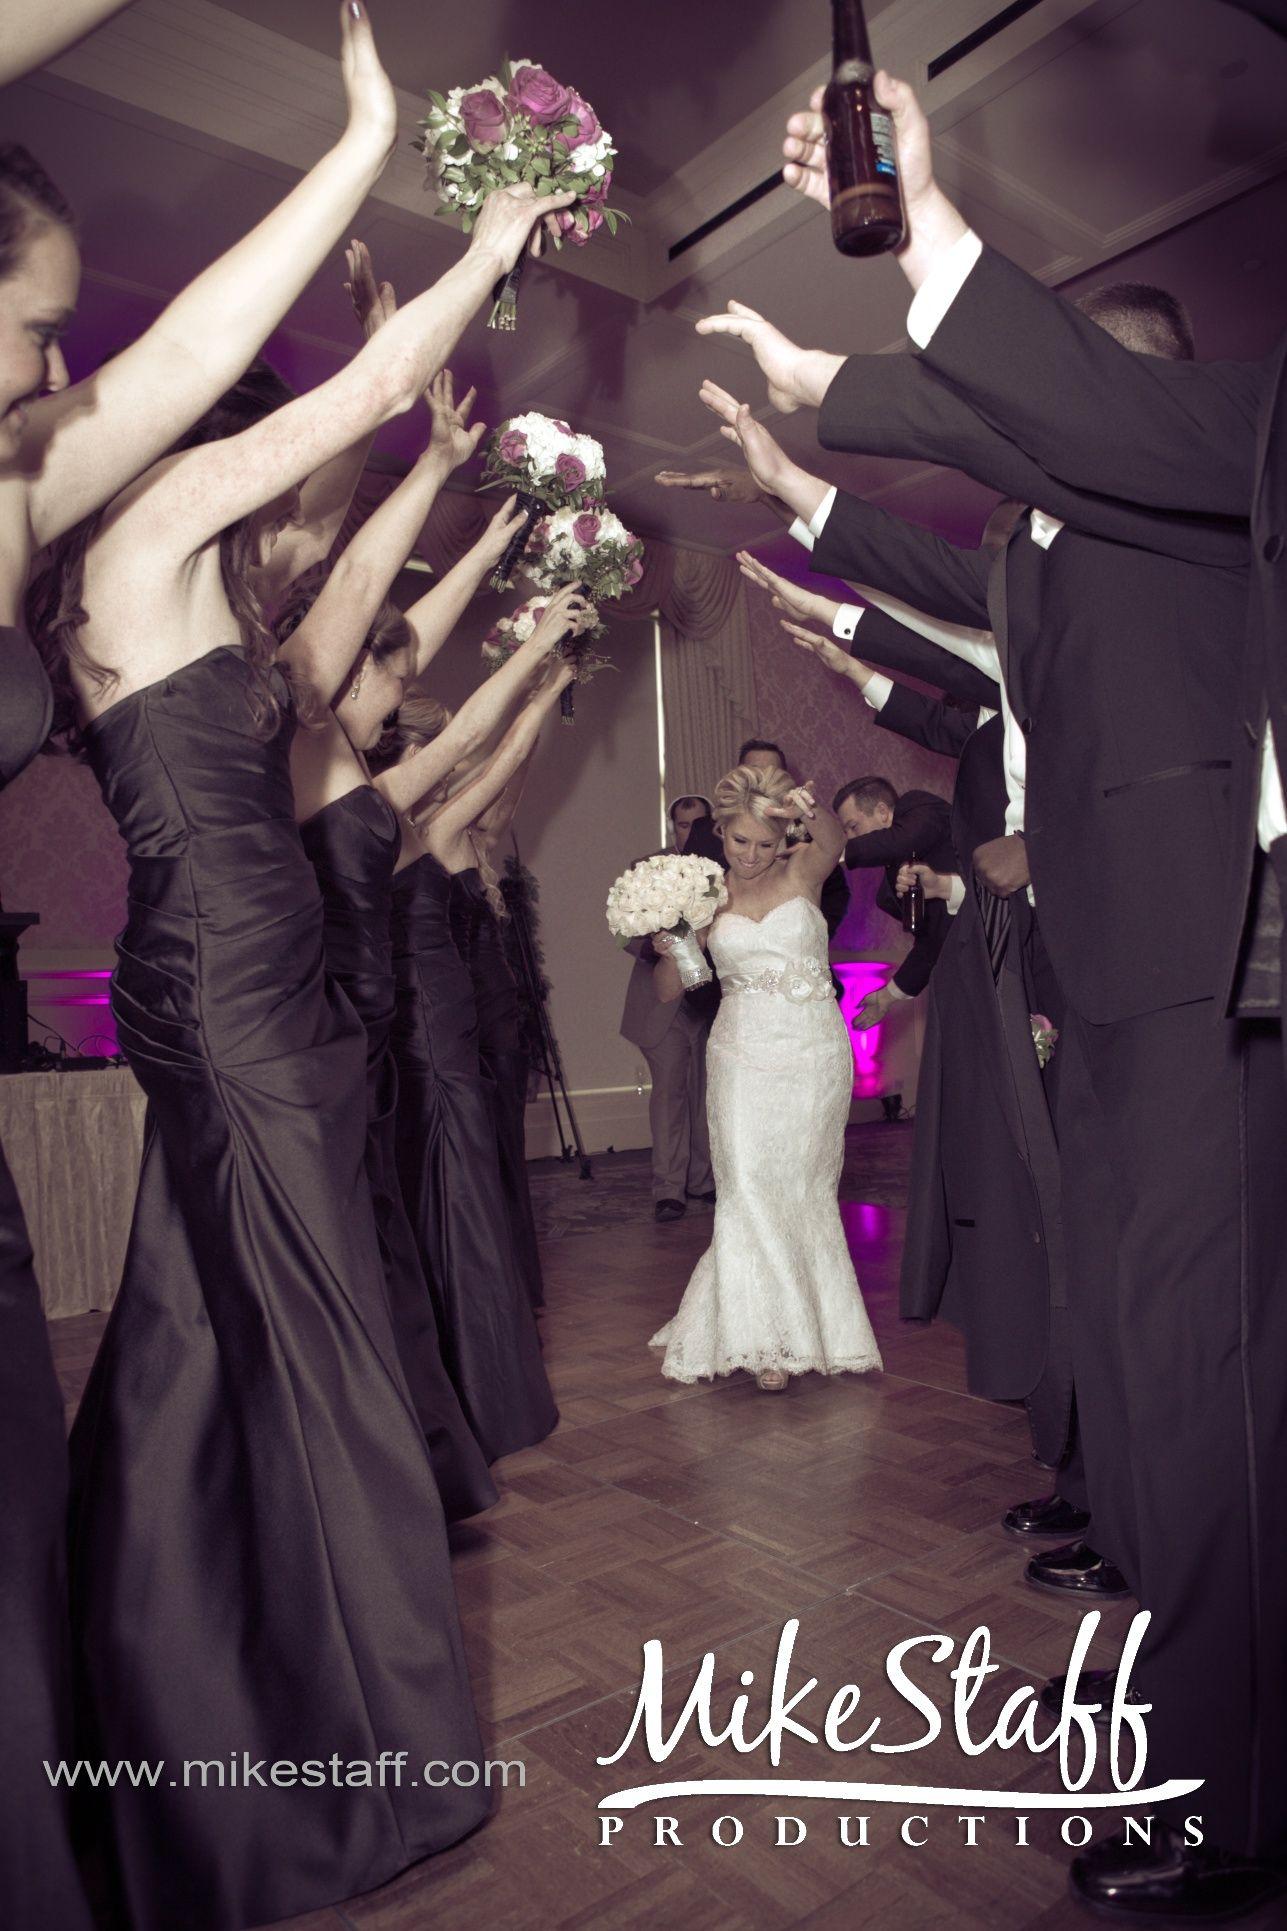 Wedding Dj Services Michigan Wedding Venues Wedding Reception Entrance Wedding Picture Poses